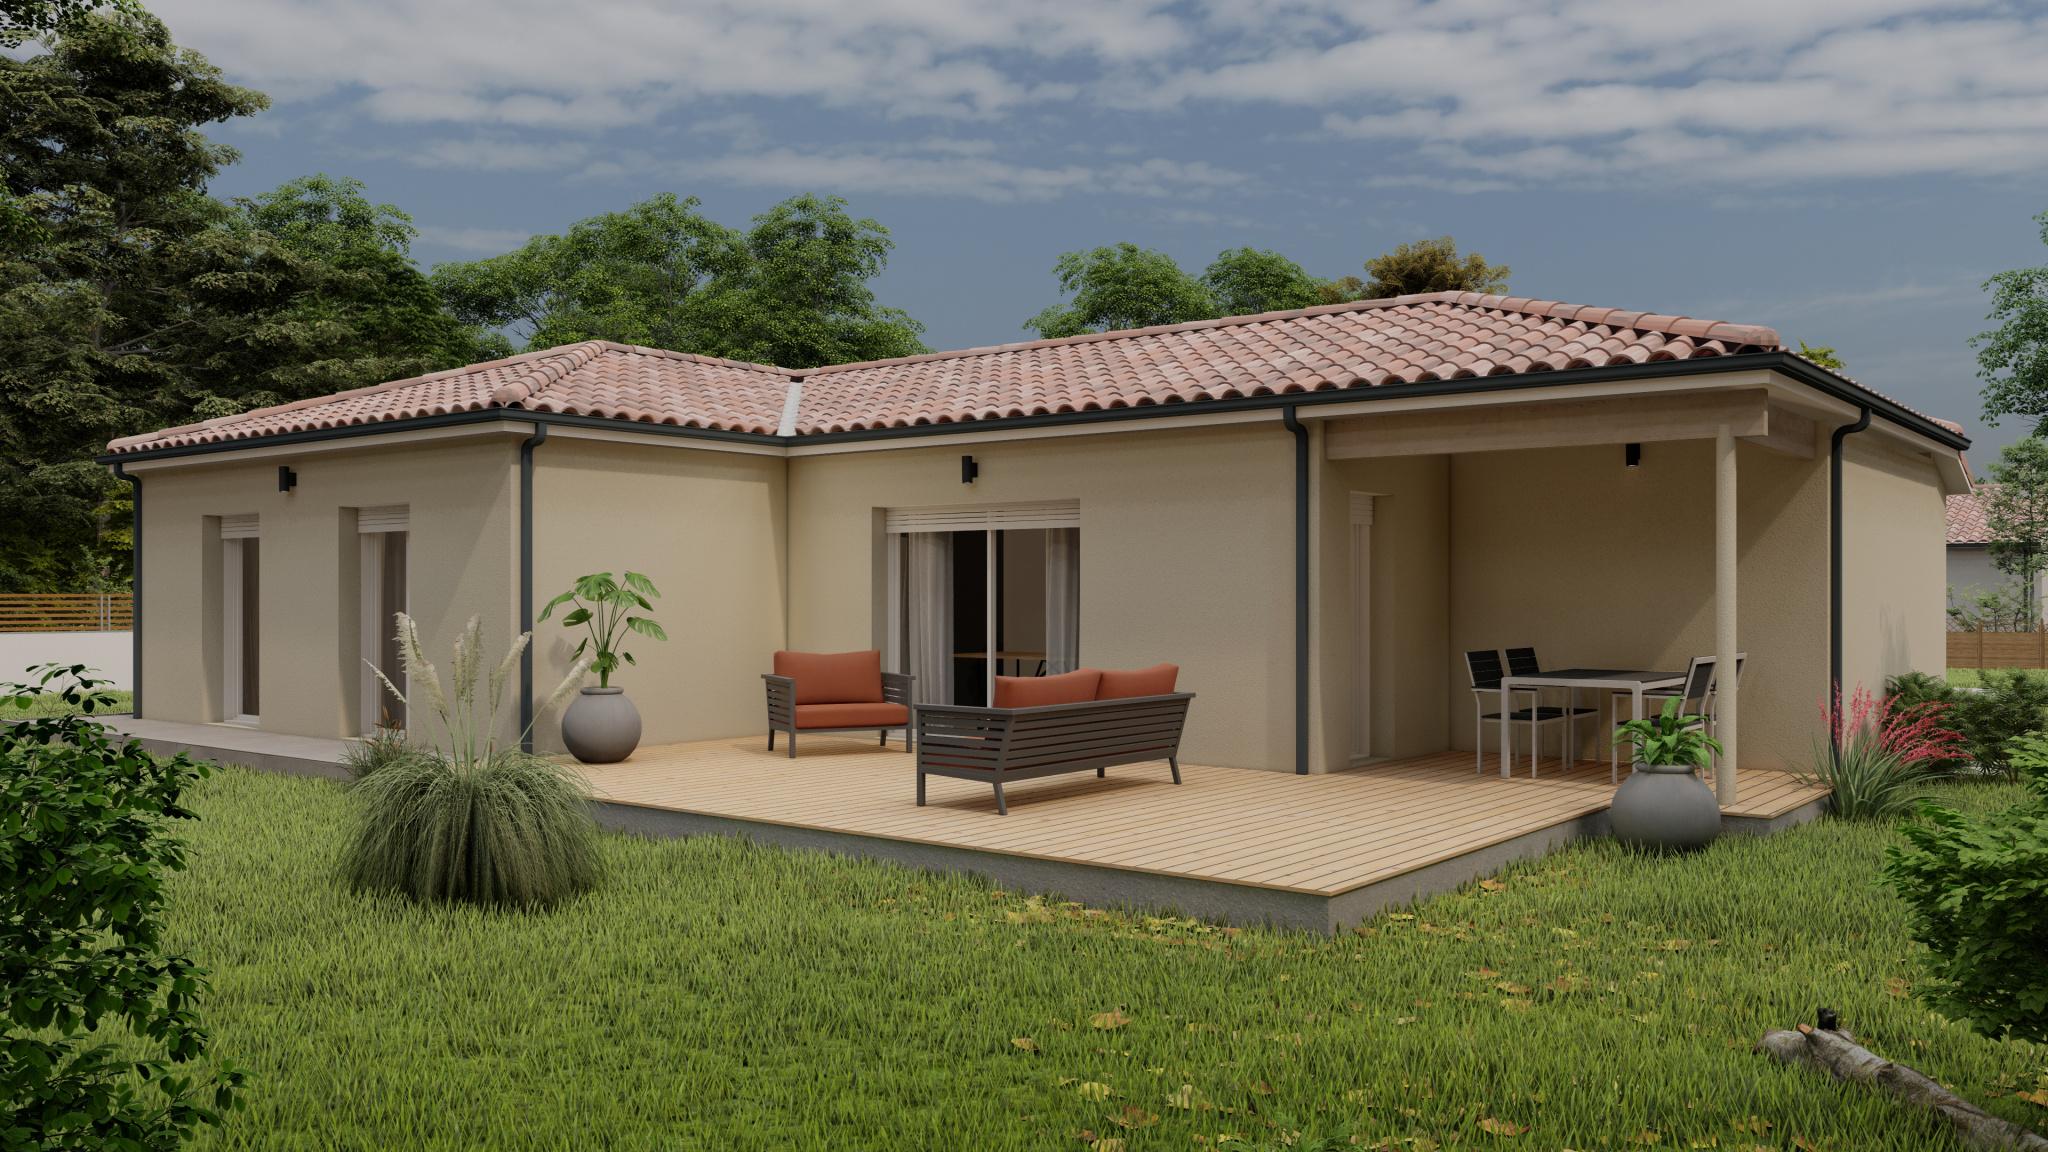 Vente maison à Campagne (40090) de 90 m2 habitable sur terrain de 728 m2